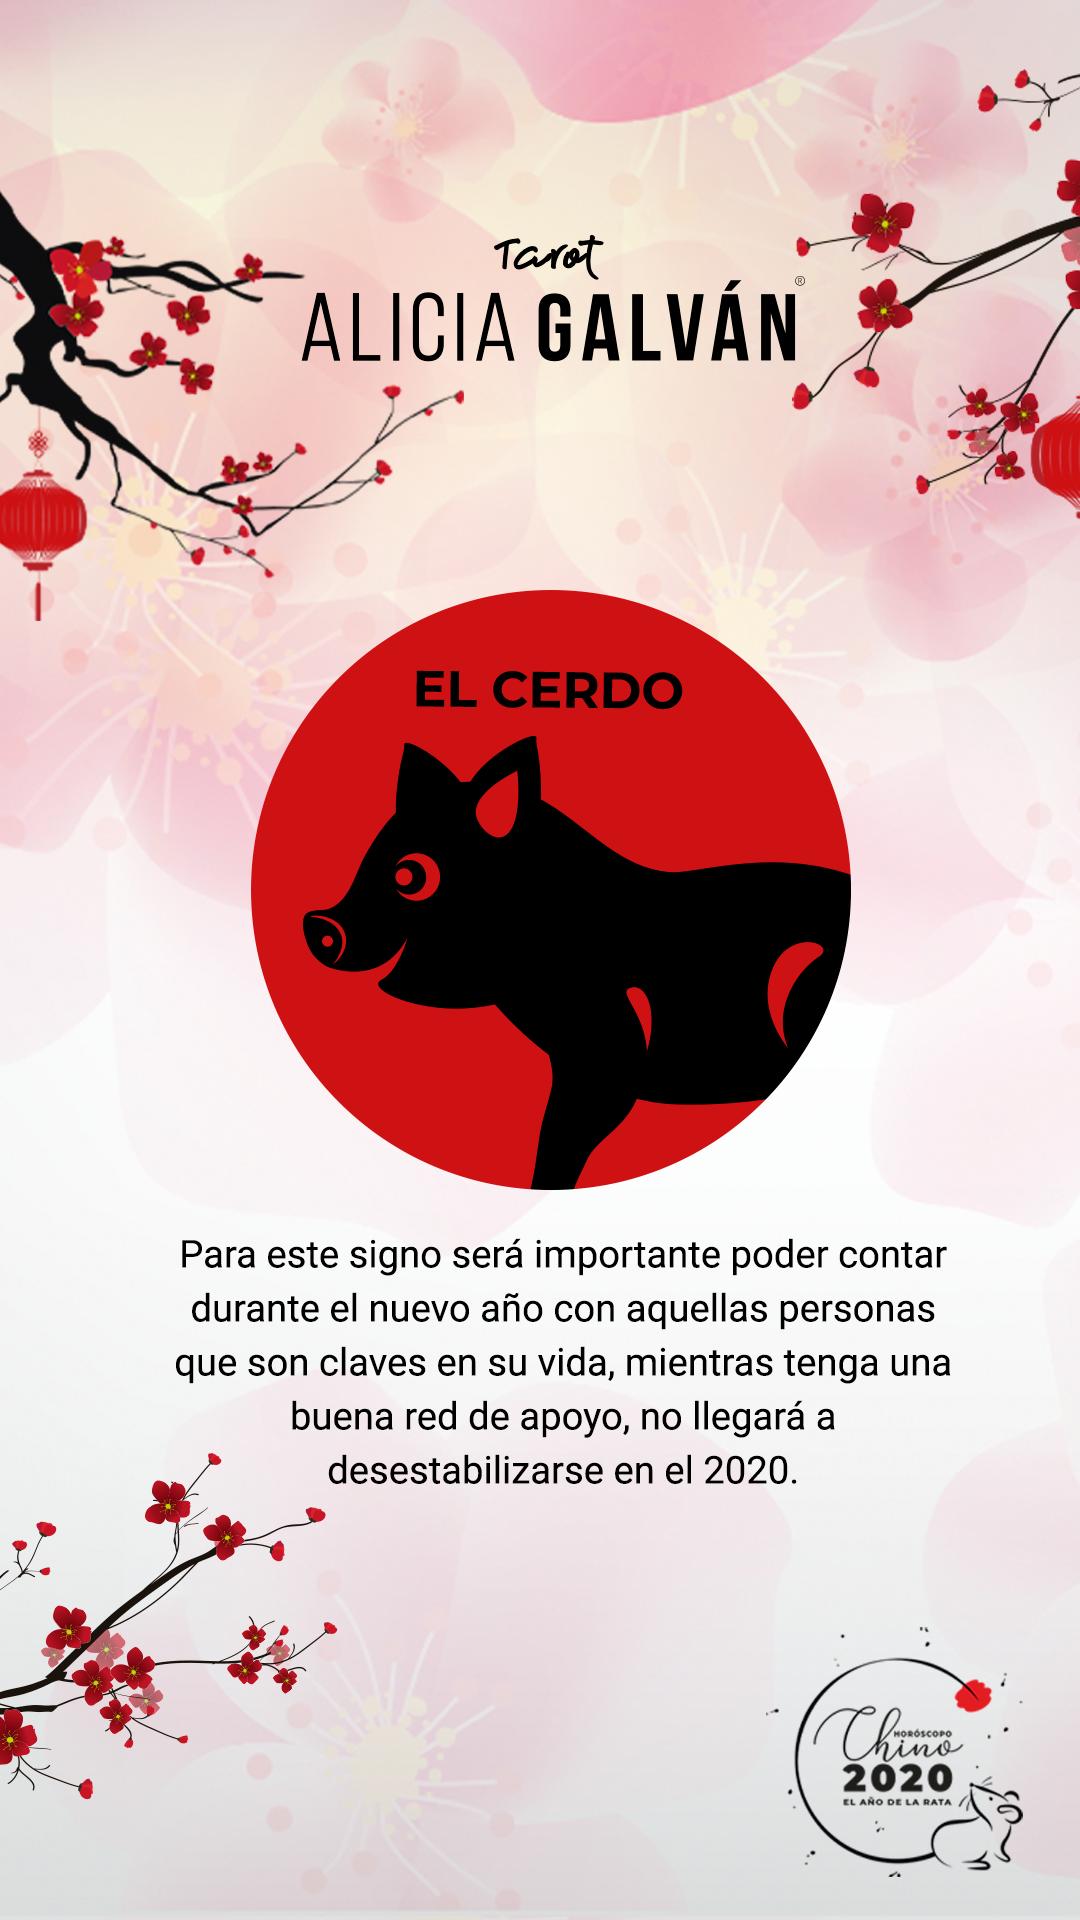 Horóscopo Chino 2020 Alicia Galván Horoscopo Chino Horoscopos Año Chino